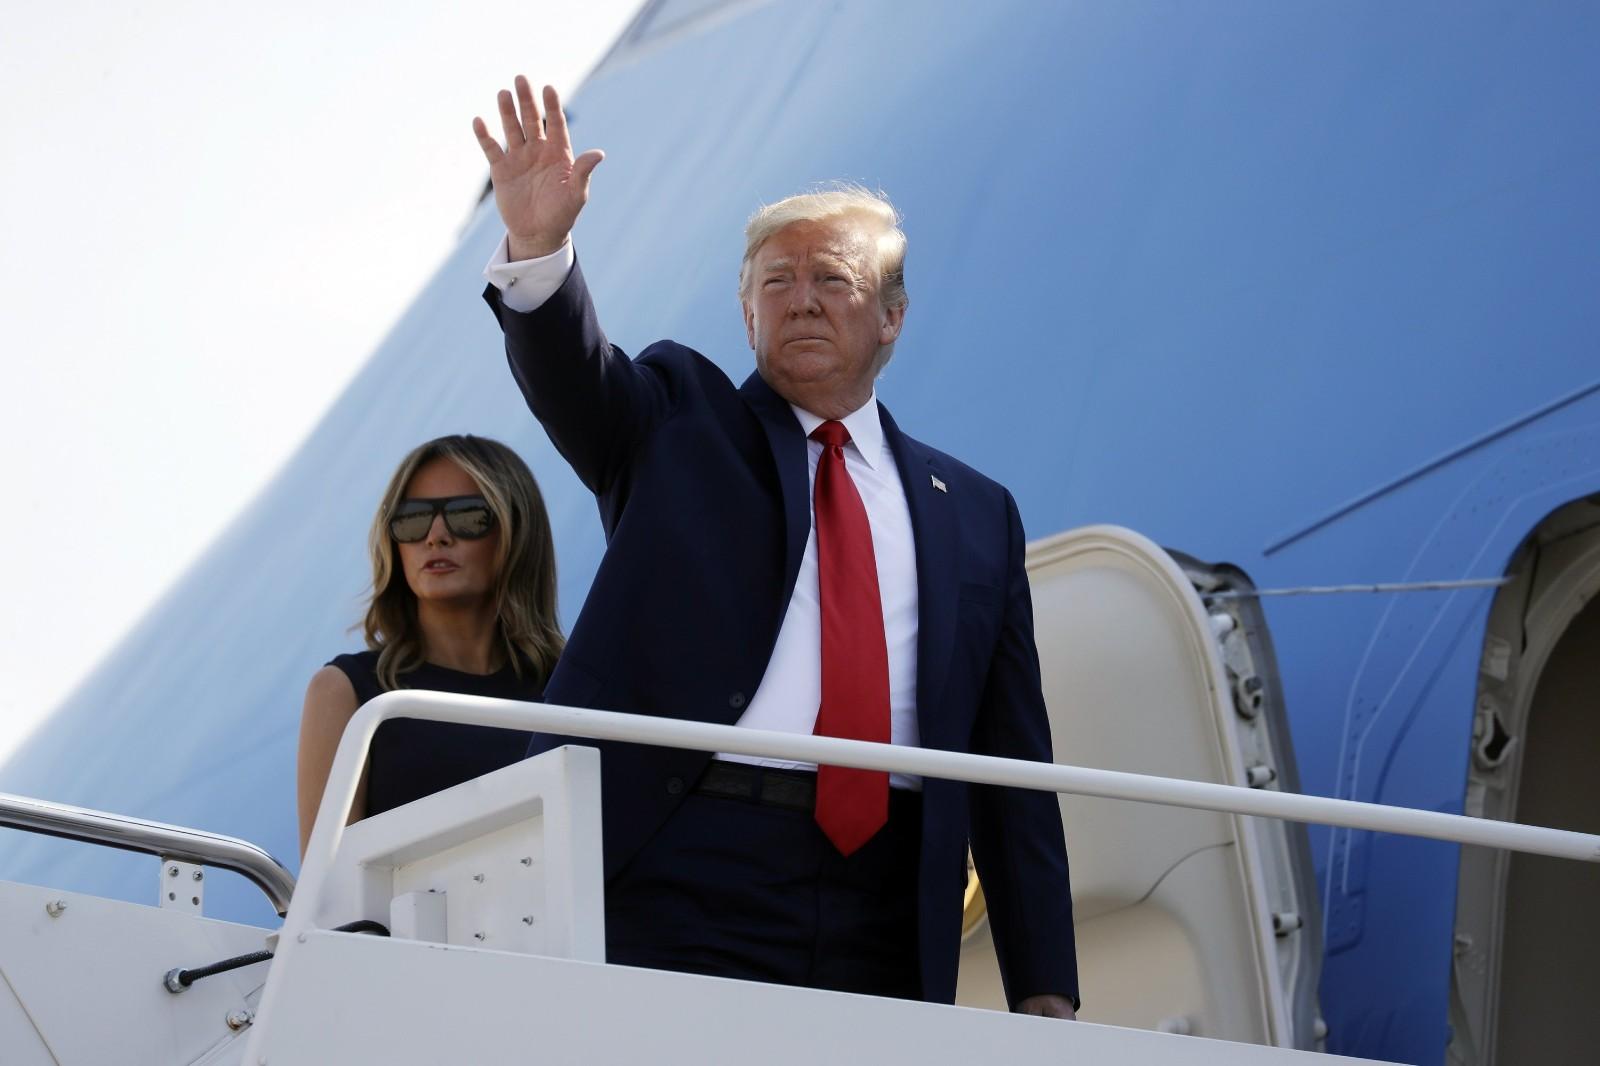 特朗普即将前往新泽西州度假,但其面临的危机可能影响连任预期